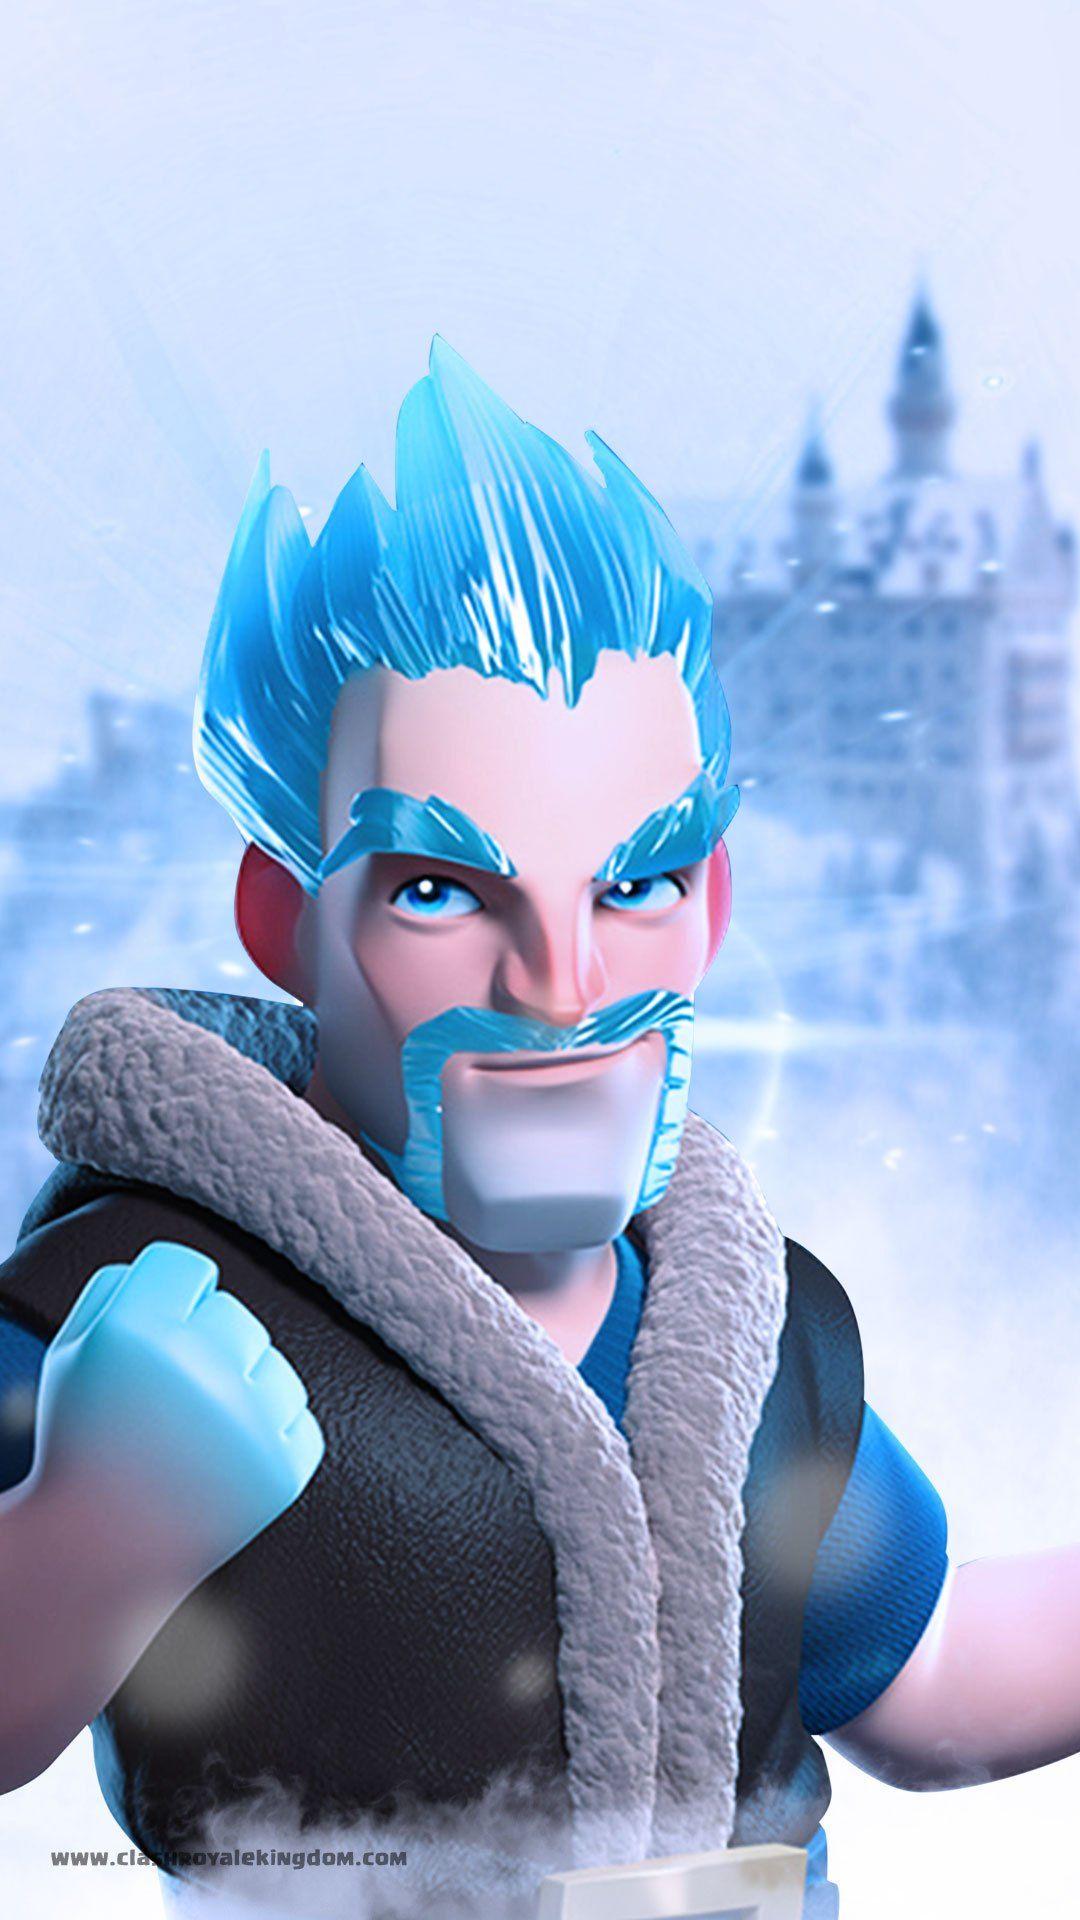 Ice King Clash Royale Wallpaper Desenhos Clash Royale Clash